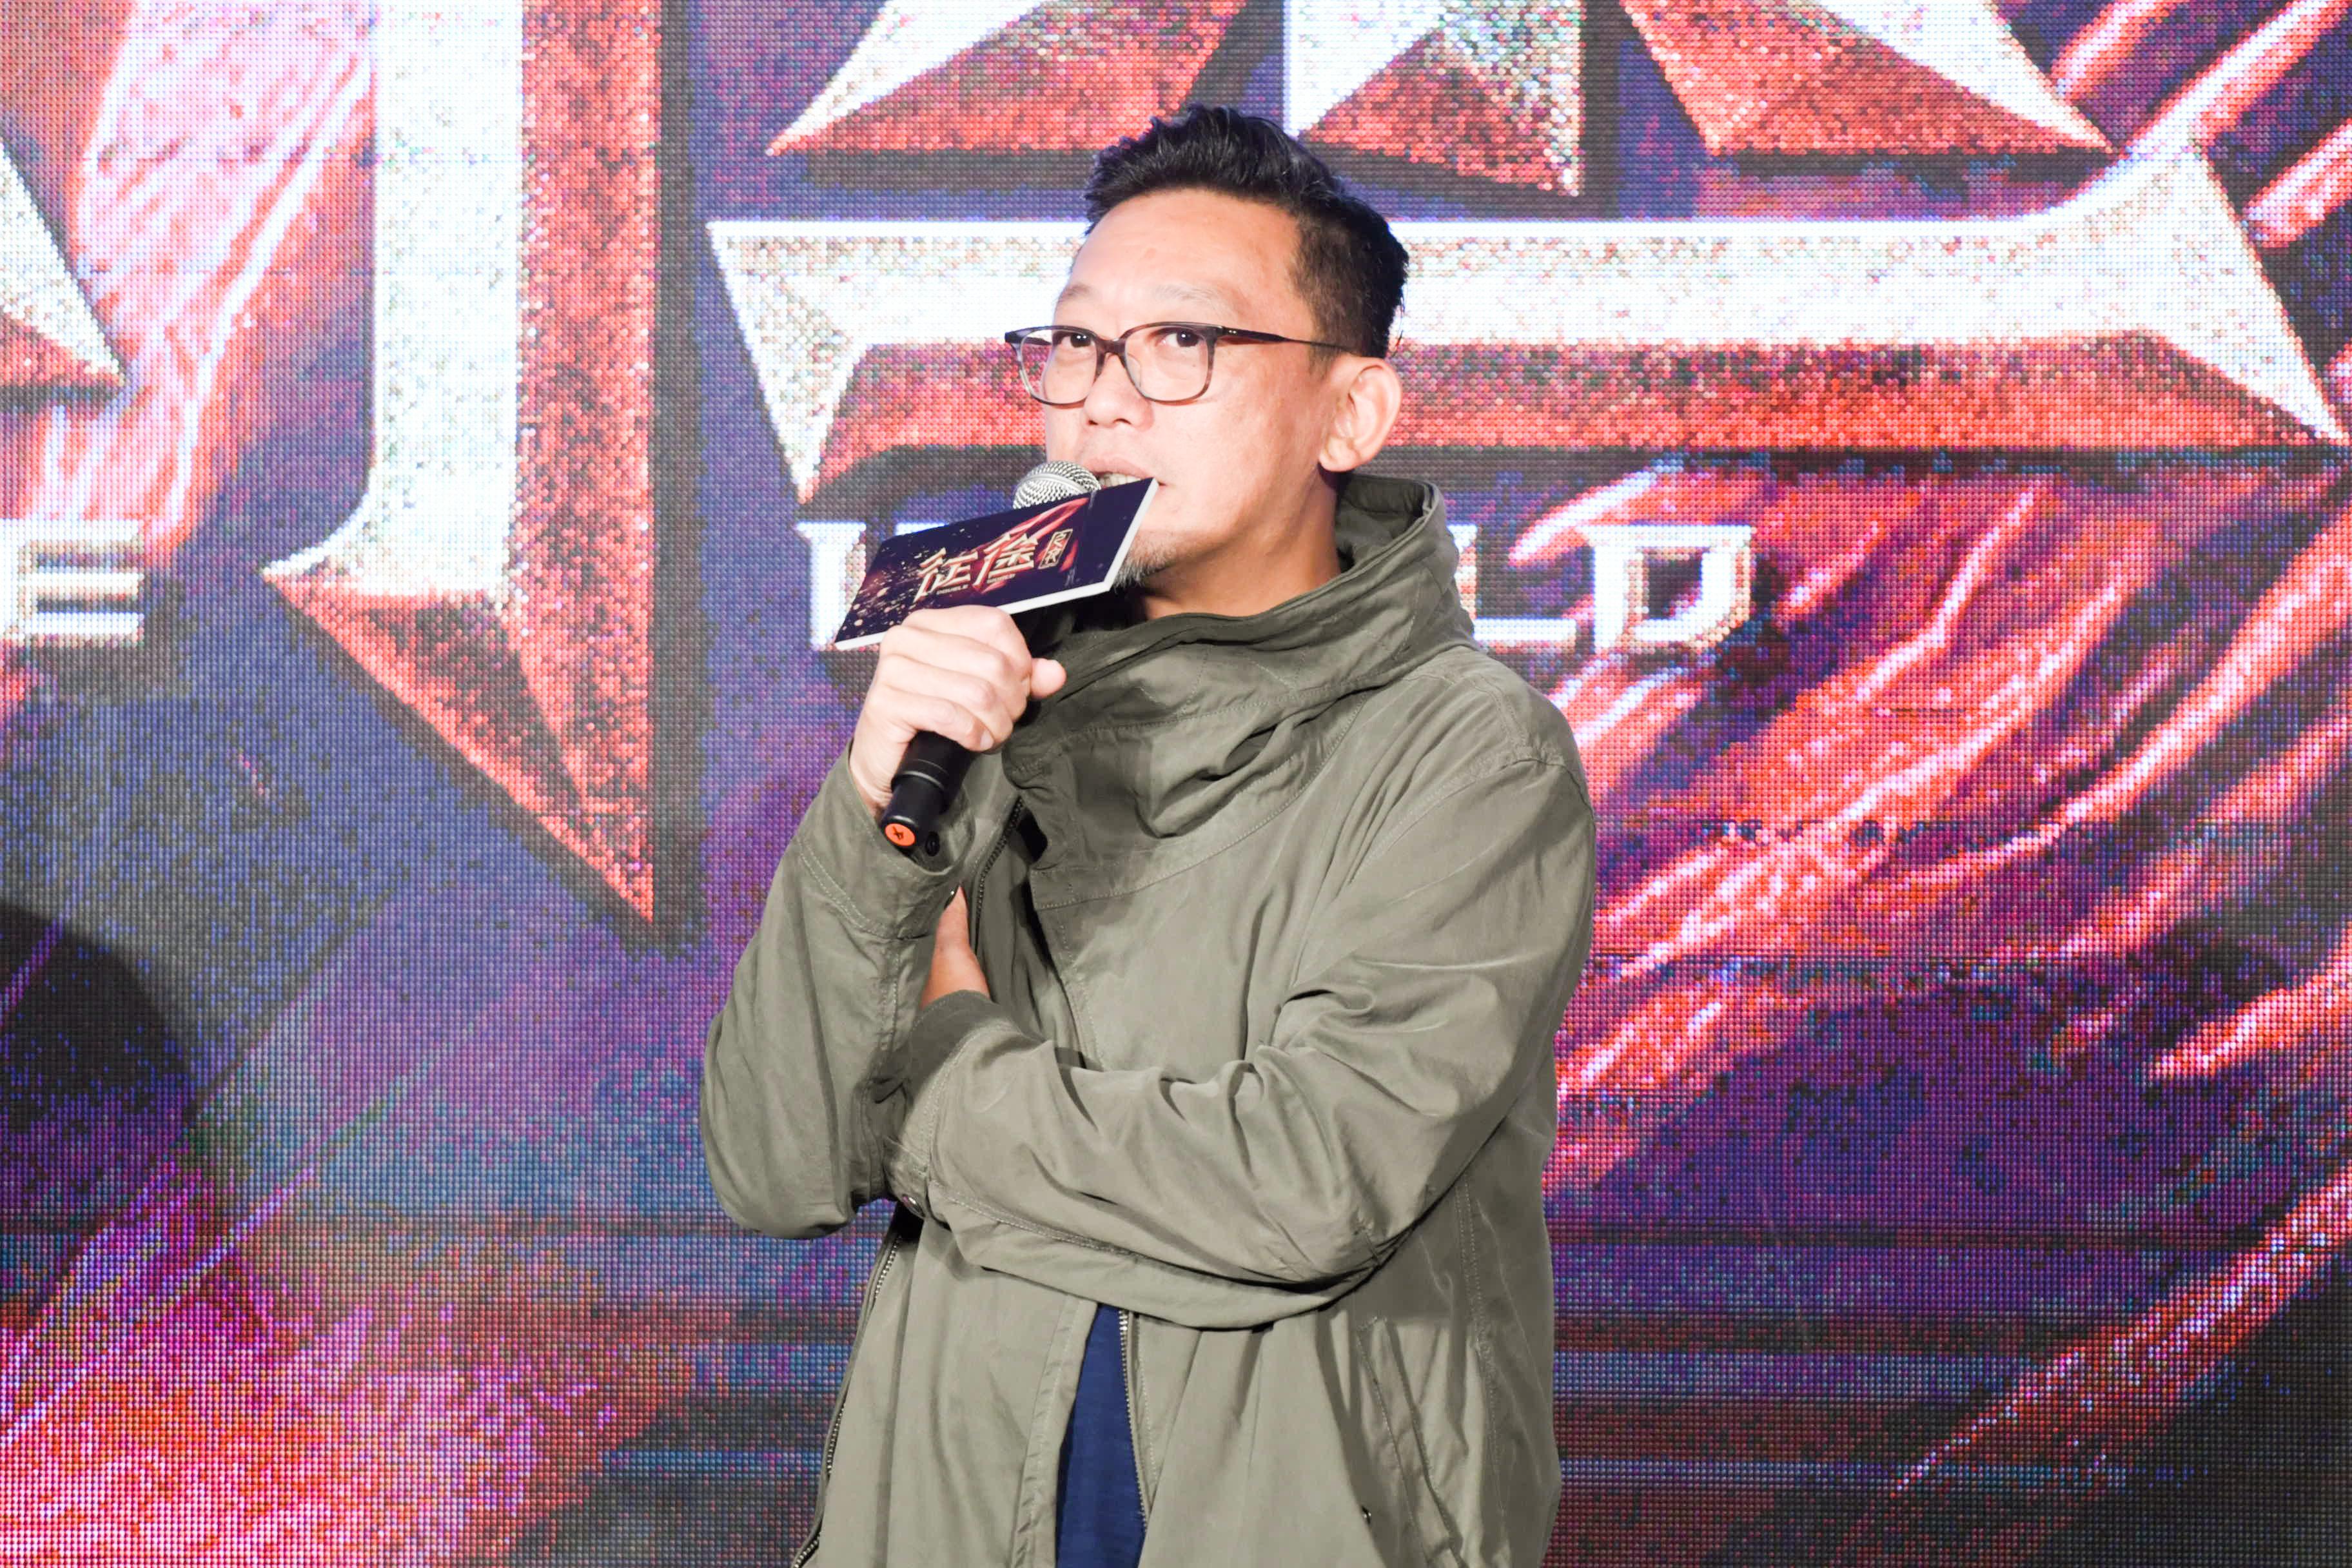 《征途》正式定檔11.22 何潤東拍戲求饒蔣璐霞